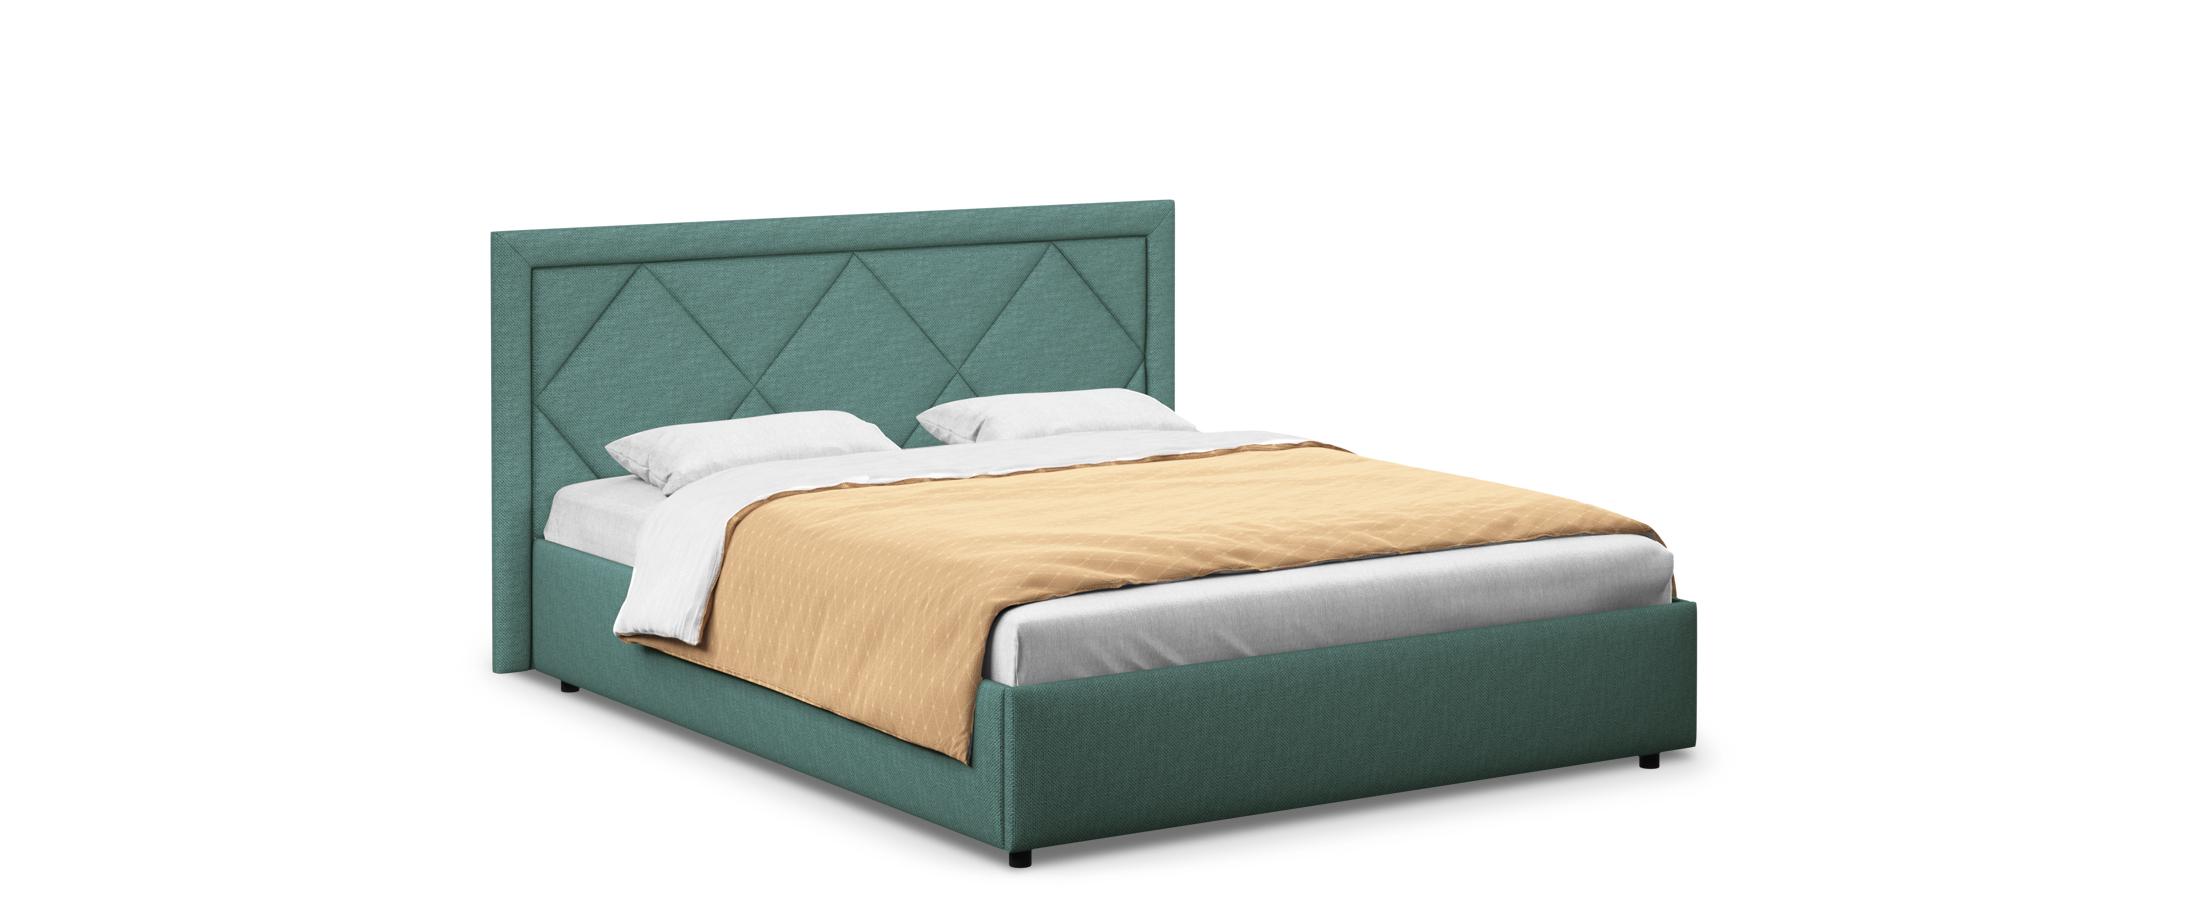 Кровать двуспальная Доменика 140х200 Модель 1203Модель Доменика придаст комнате индивидуальность сделает вашу спальню особенной.